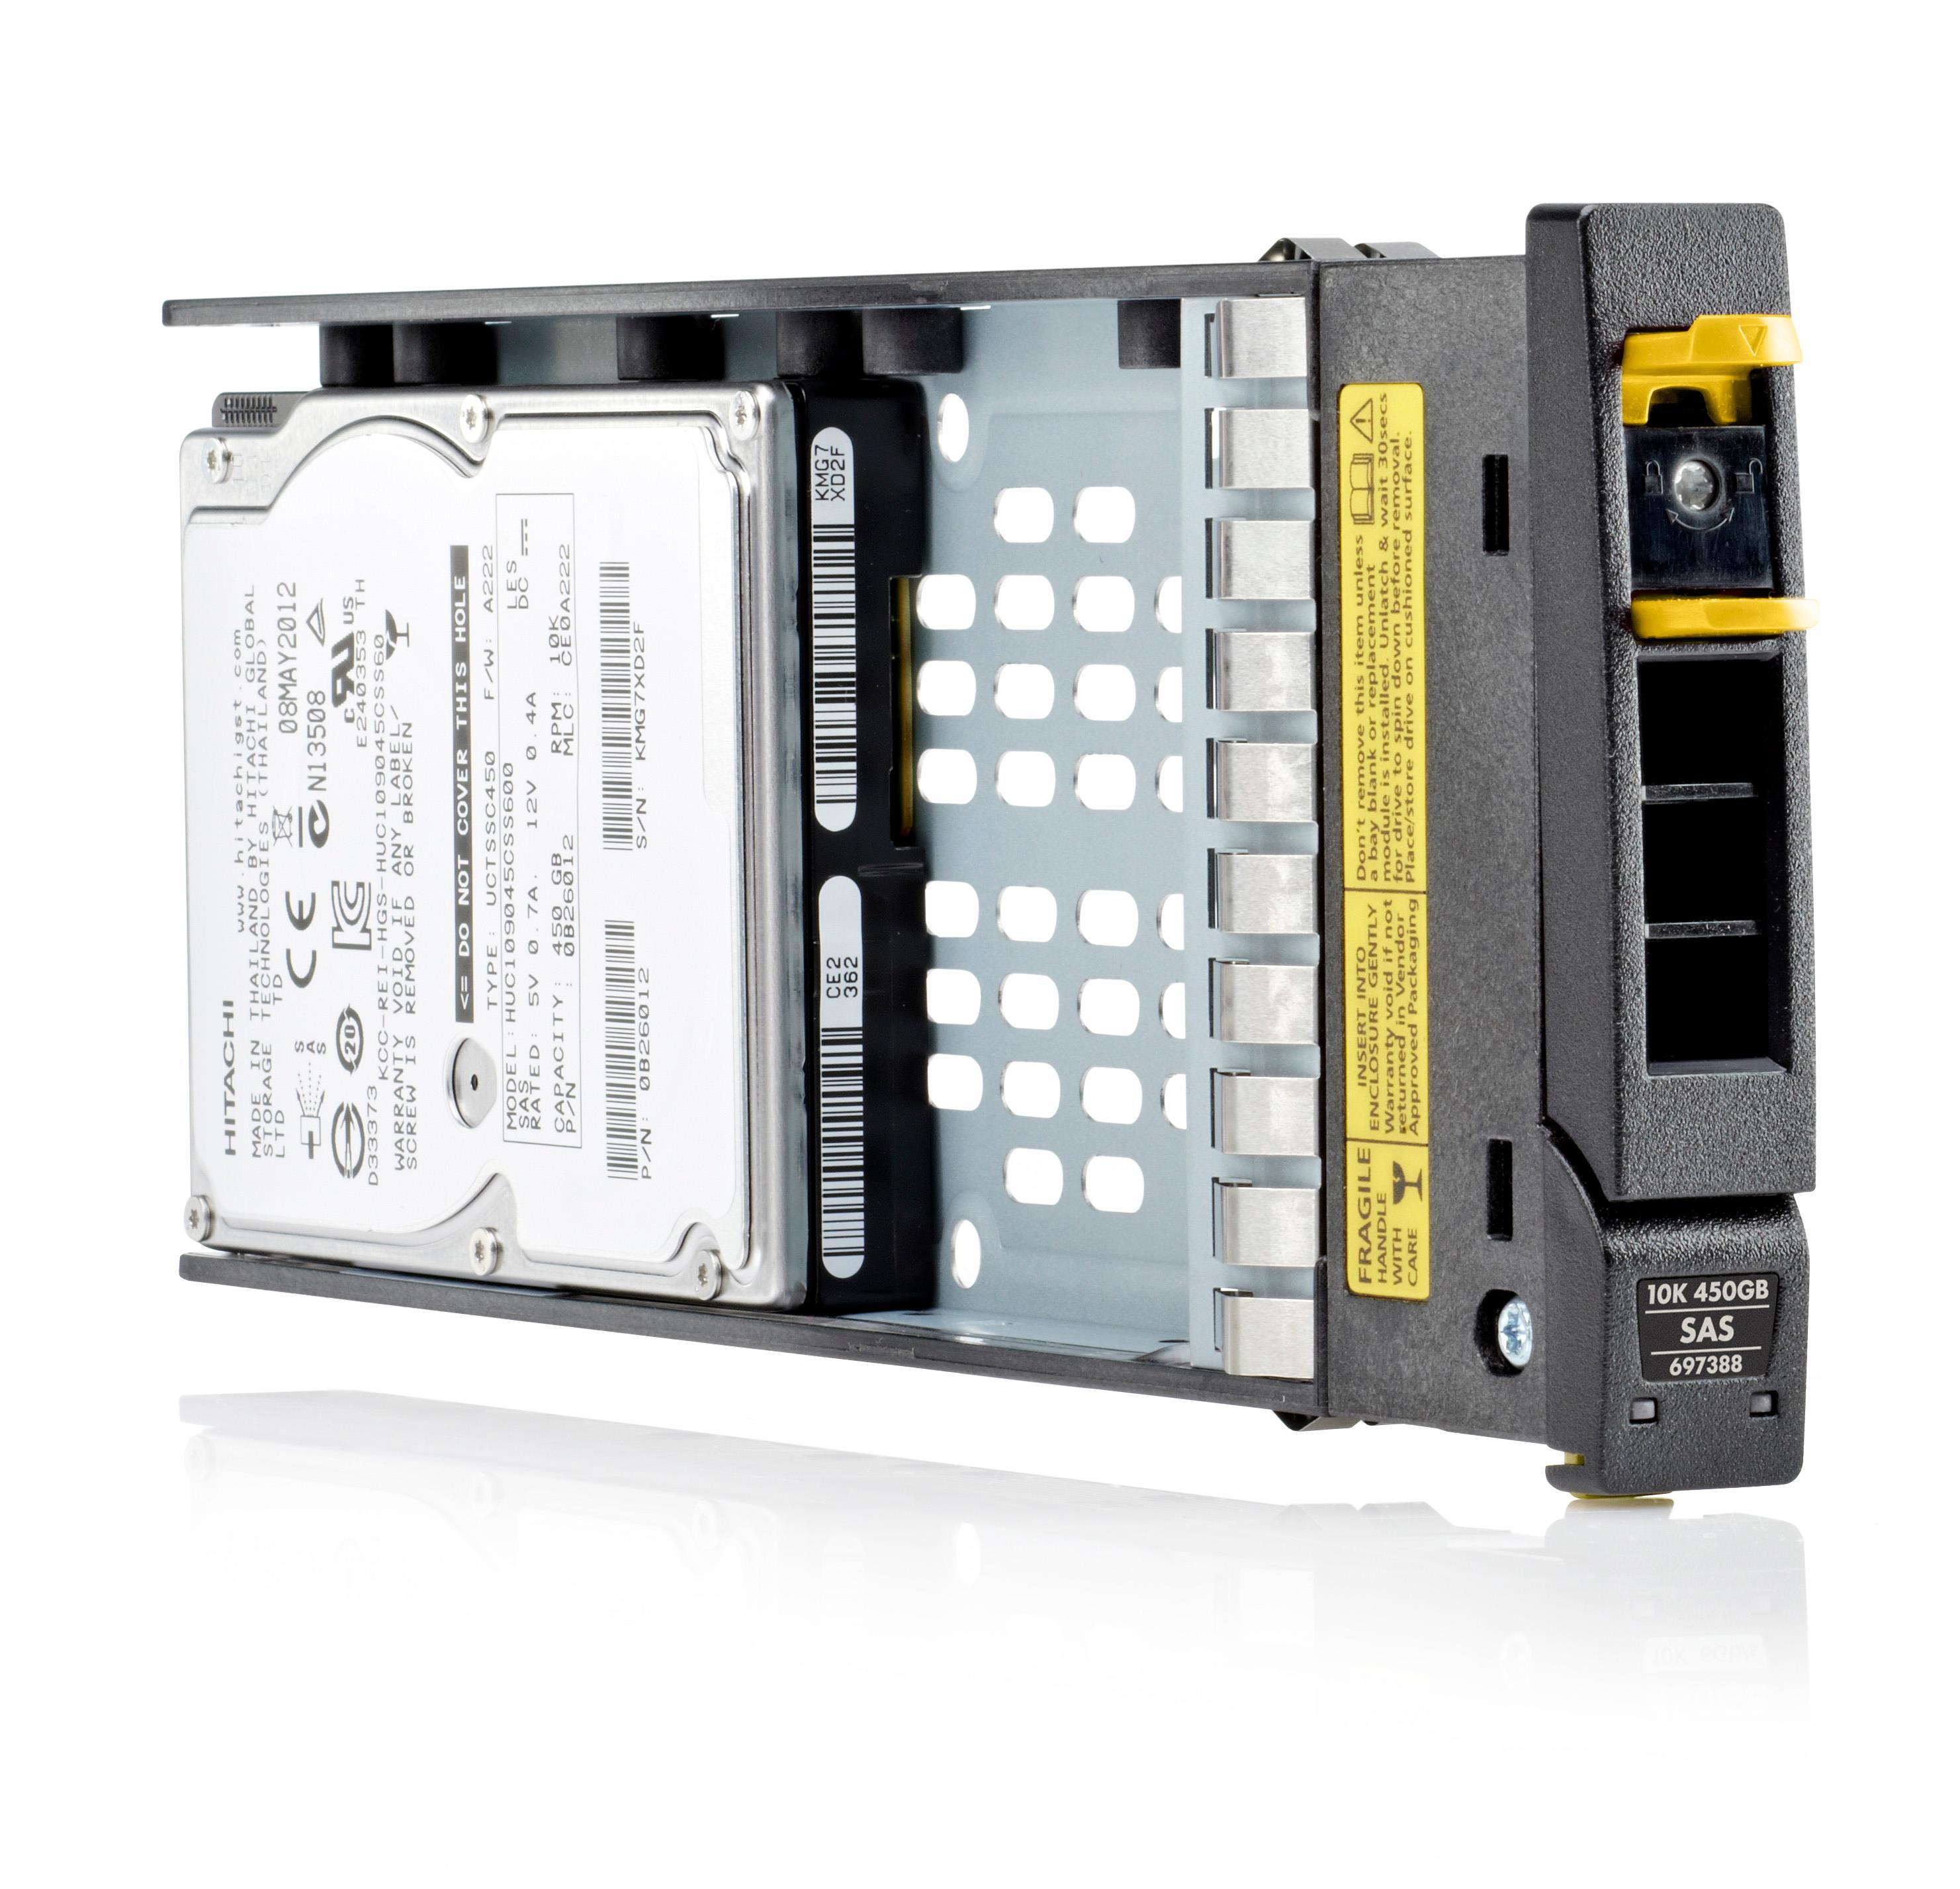 HP (1.2TB) Hard Drive SAS 12G 10,000rpm SFF 2.5 inch (Internal) for MSA